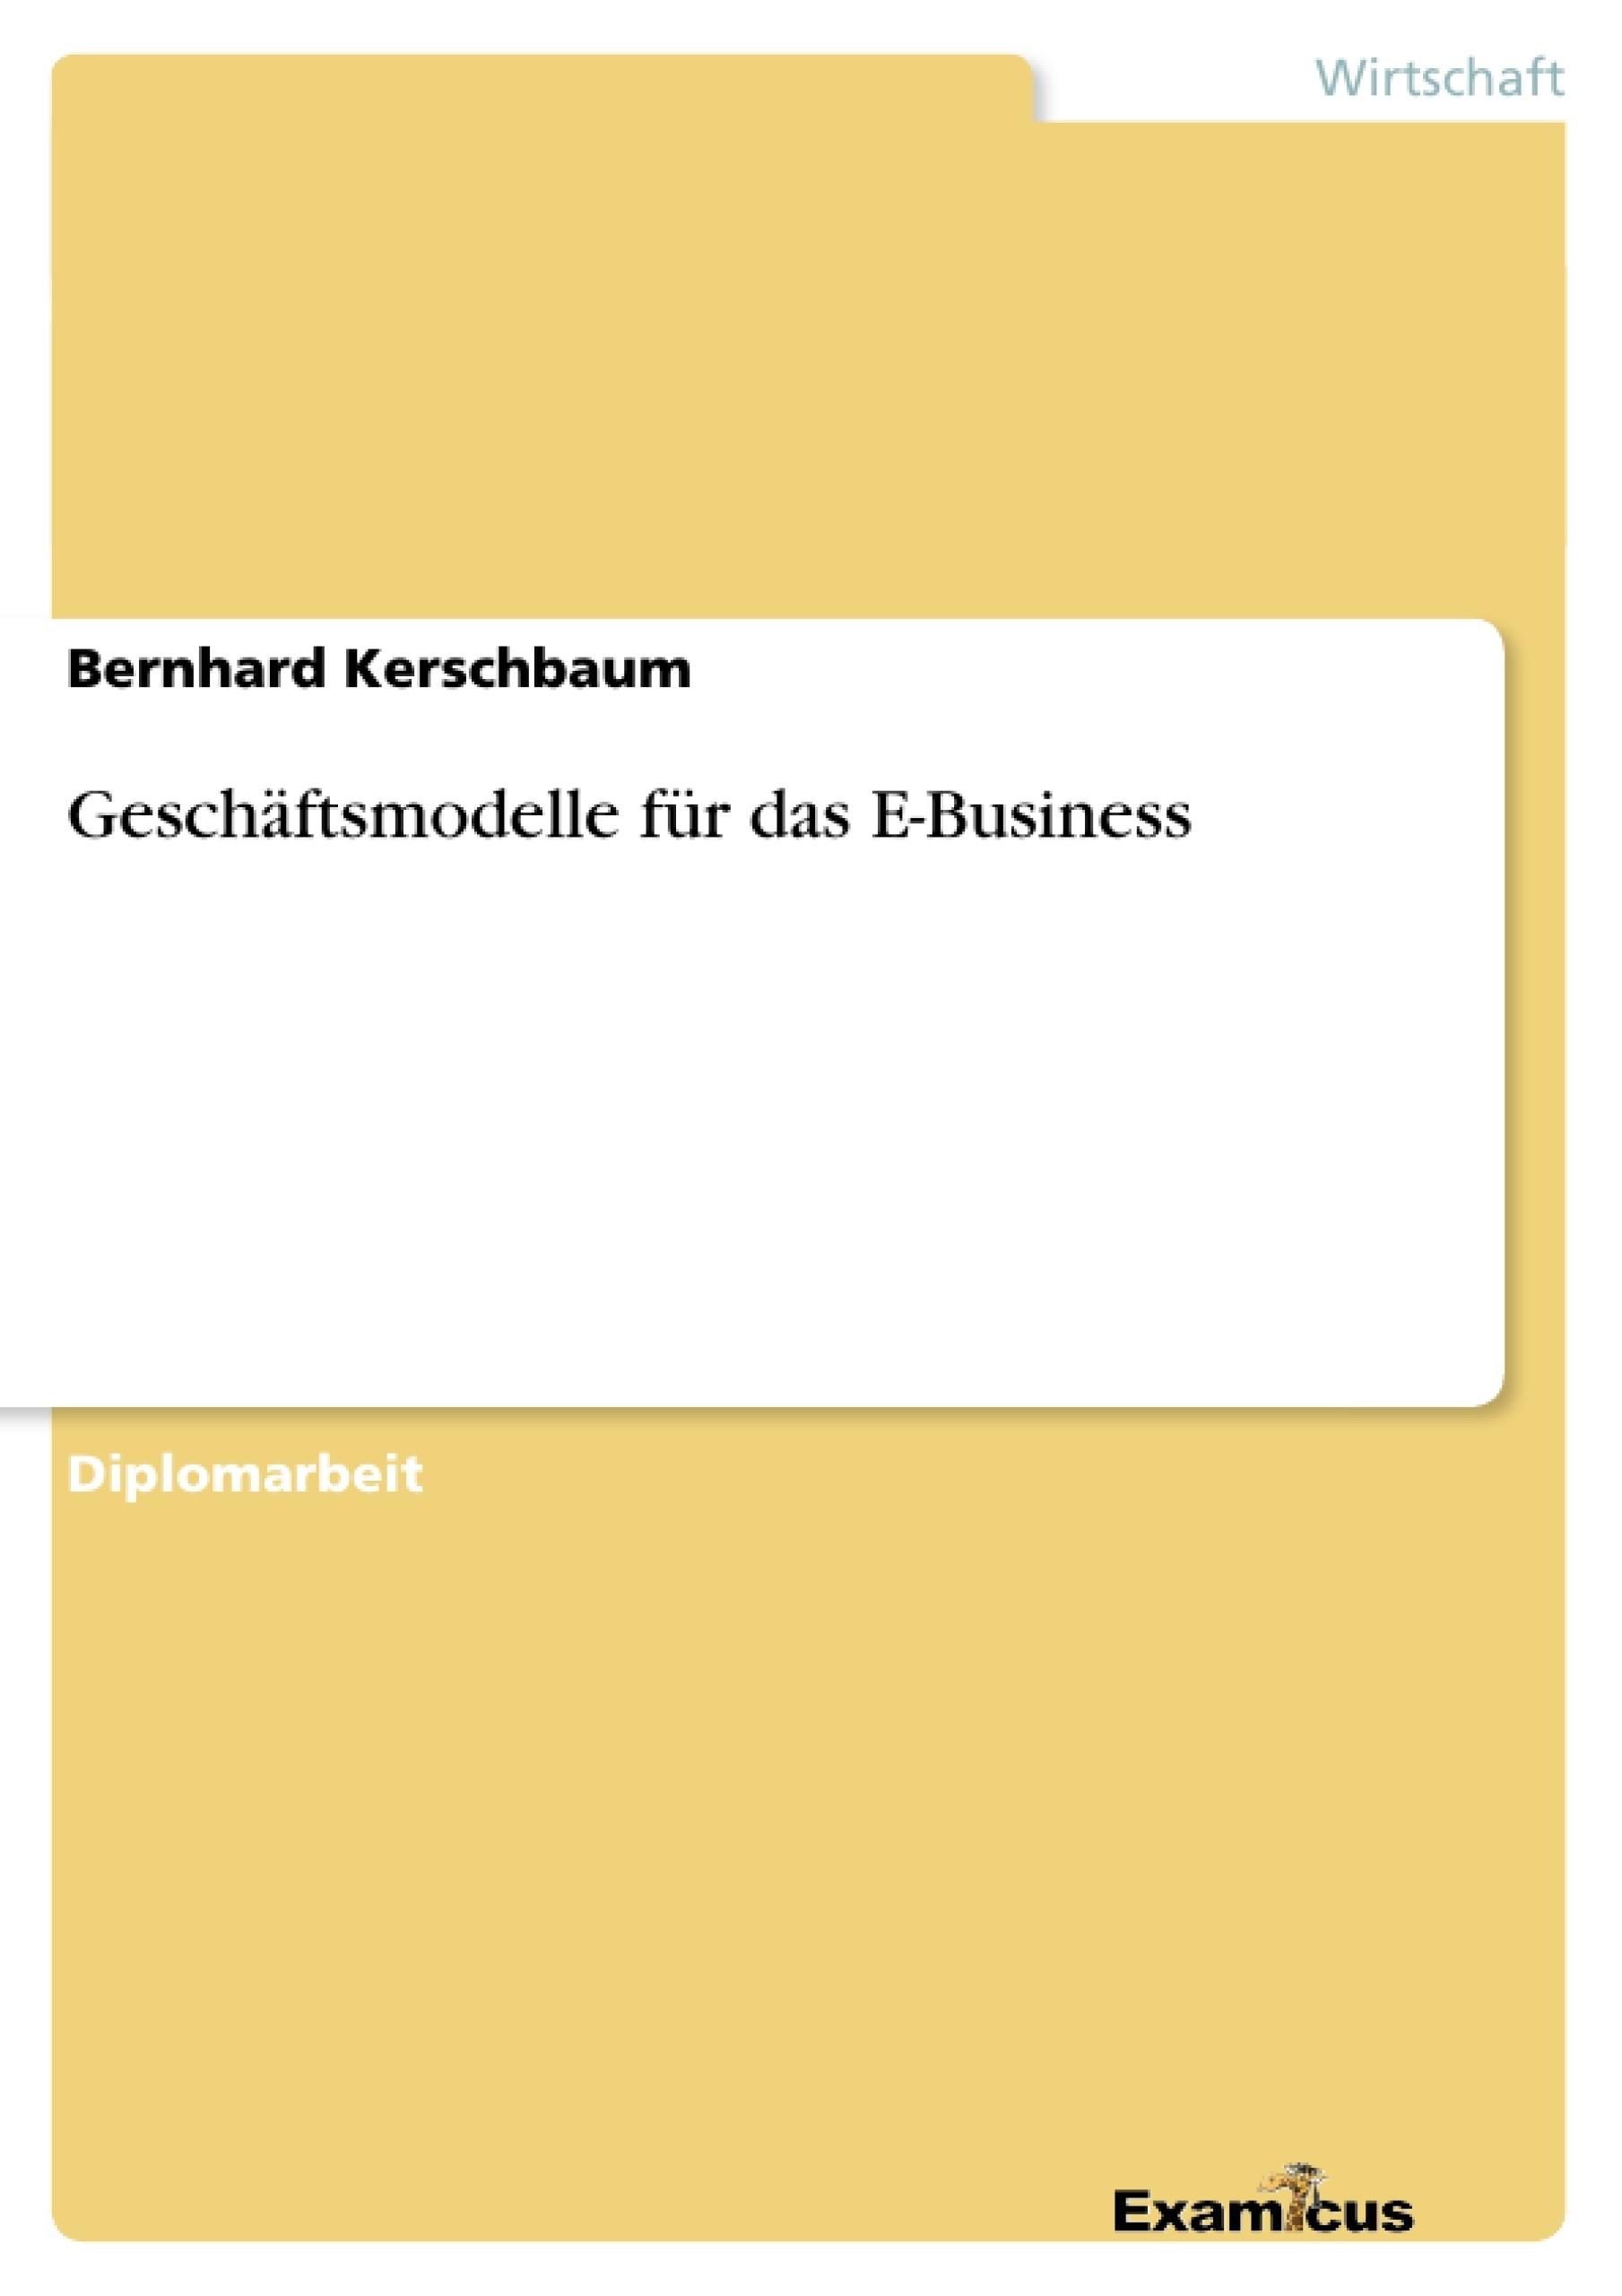 Titel: Geschäftsmodelle für das E-Business